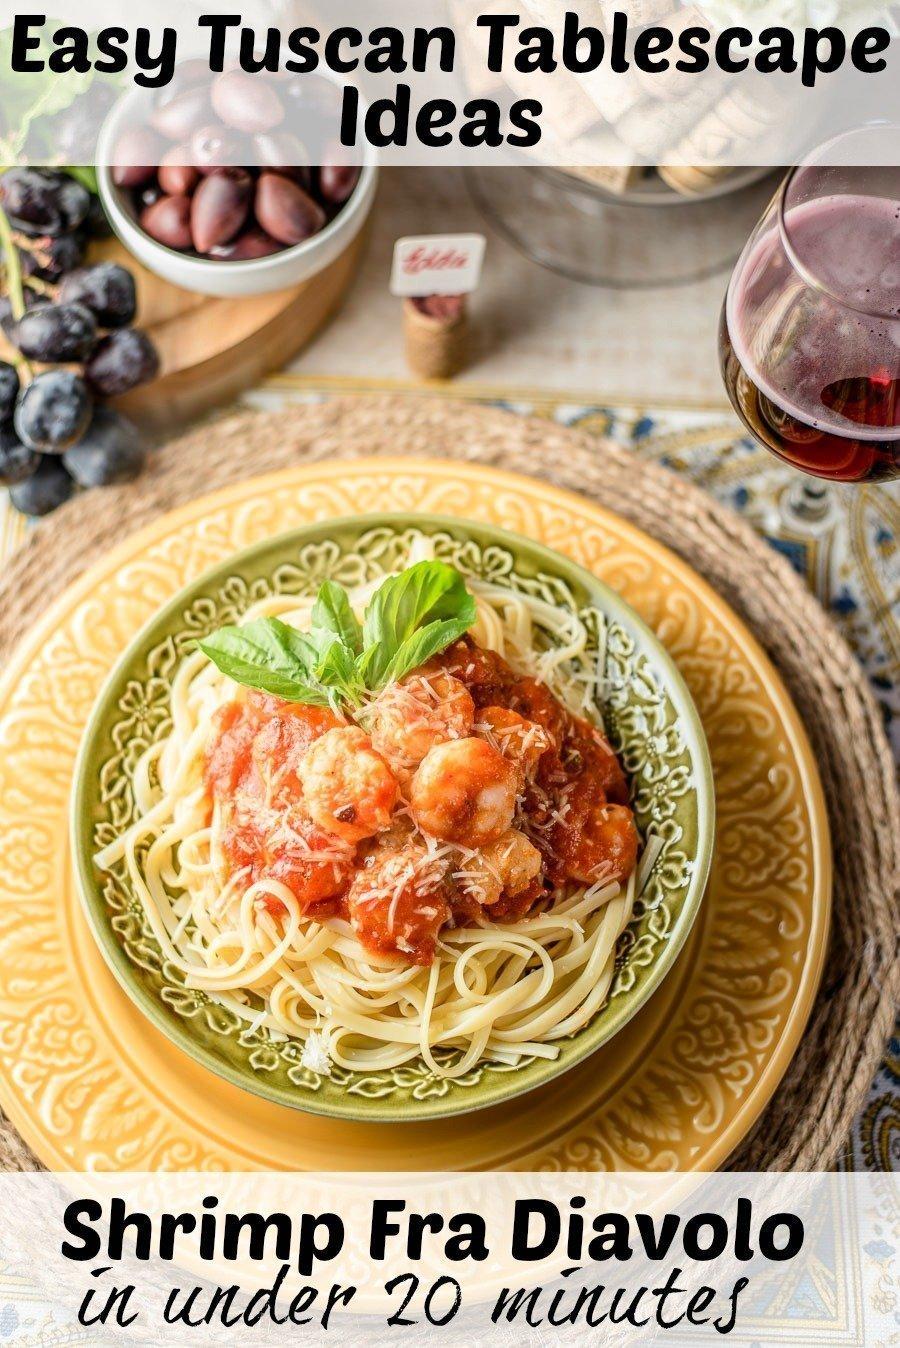 I Ve Got An Easy Diy Tuscan Tablescape Shrimp Fra Diavolo In Under